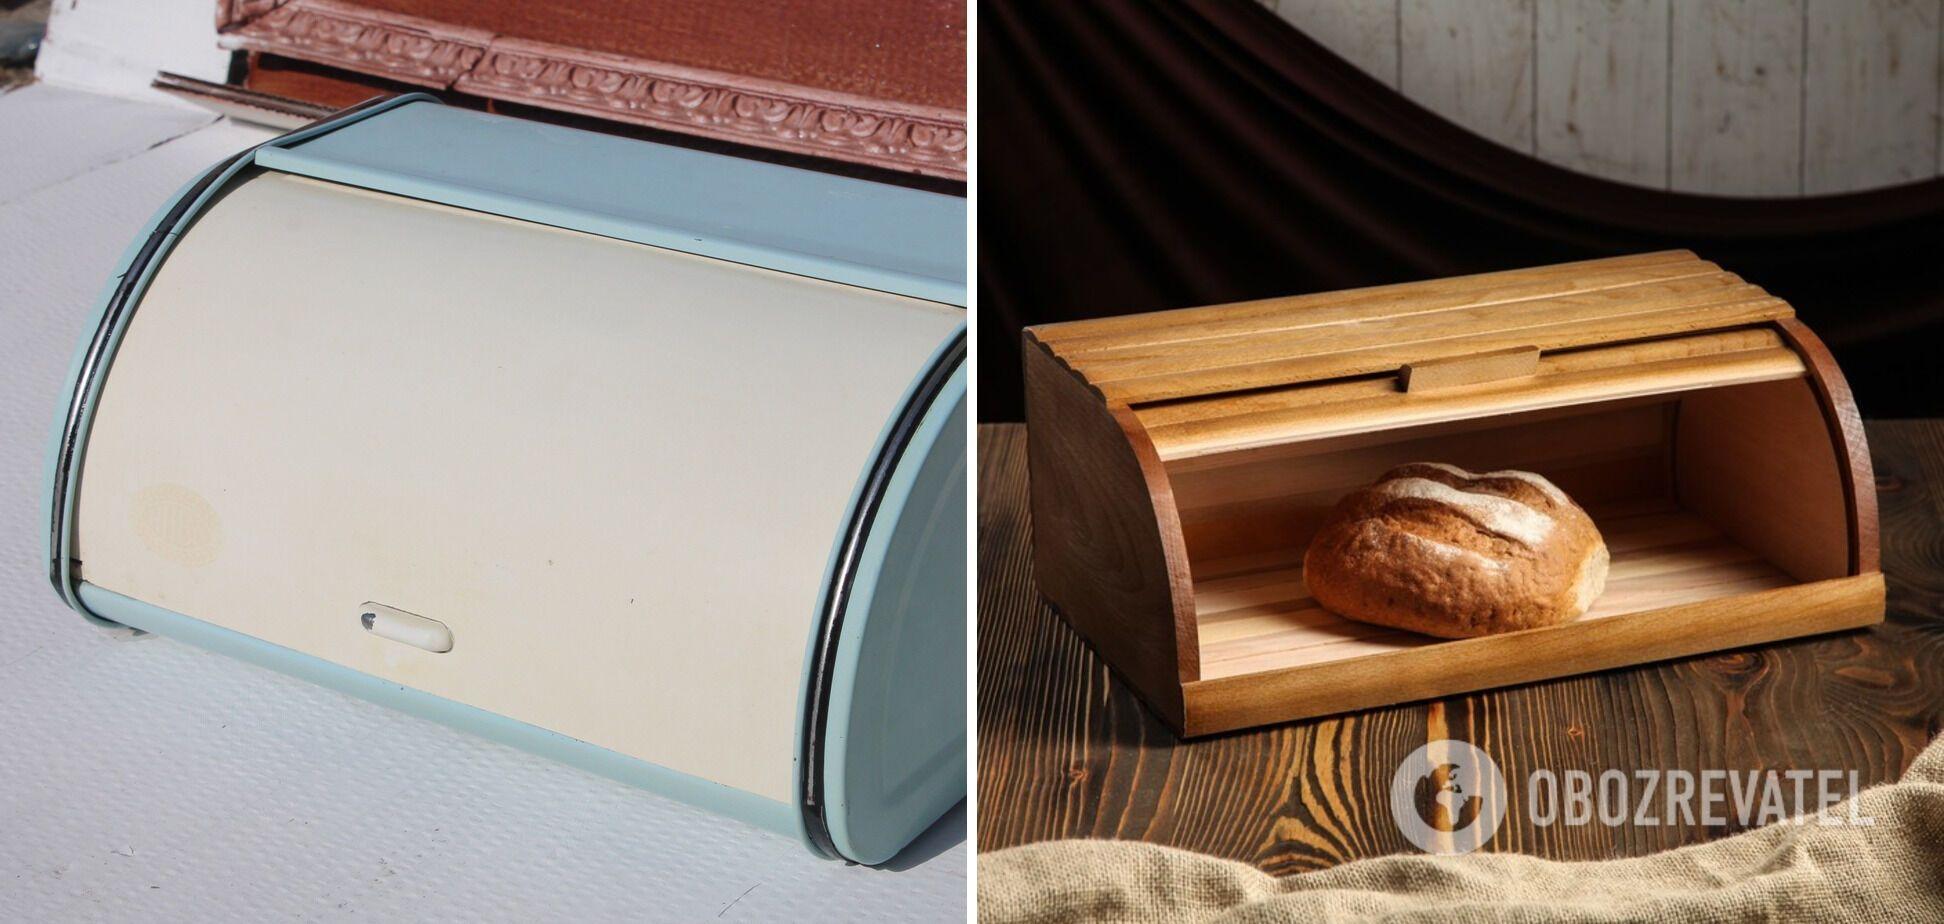 Корзина для хранения хлеба должна быть в каждой кухне.